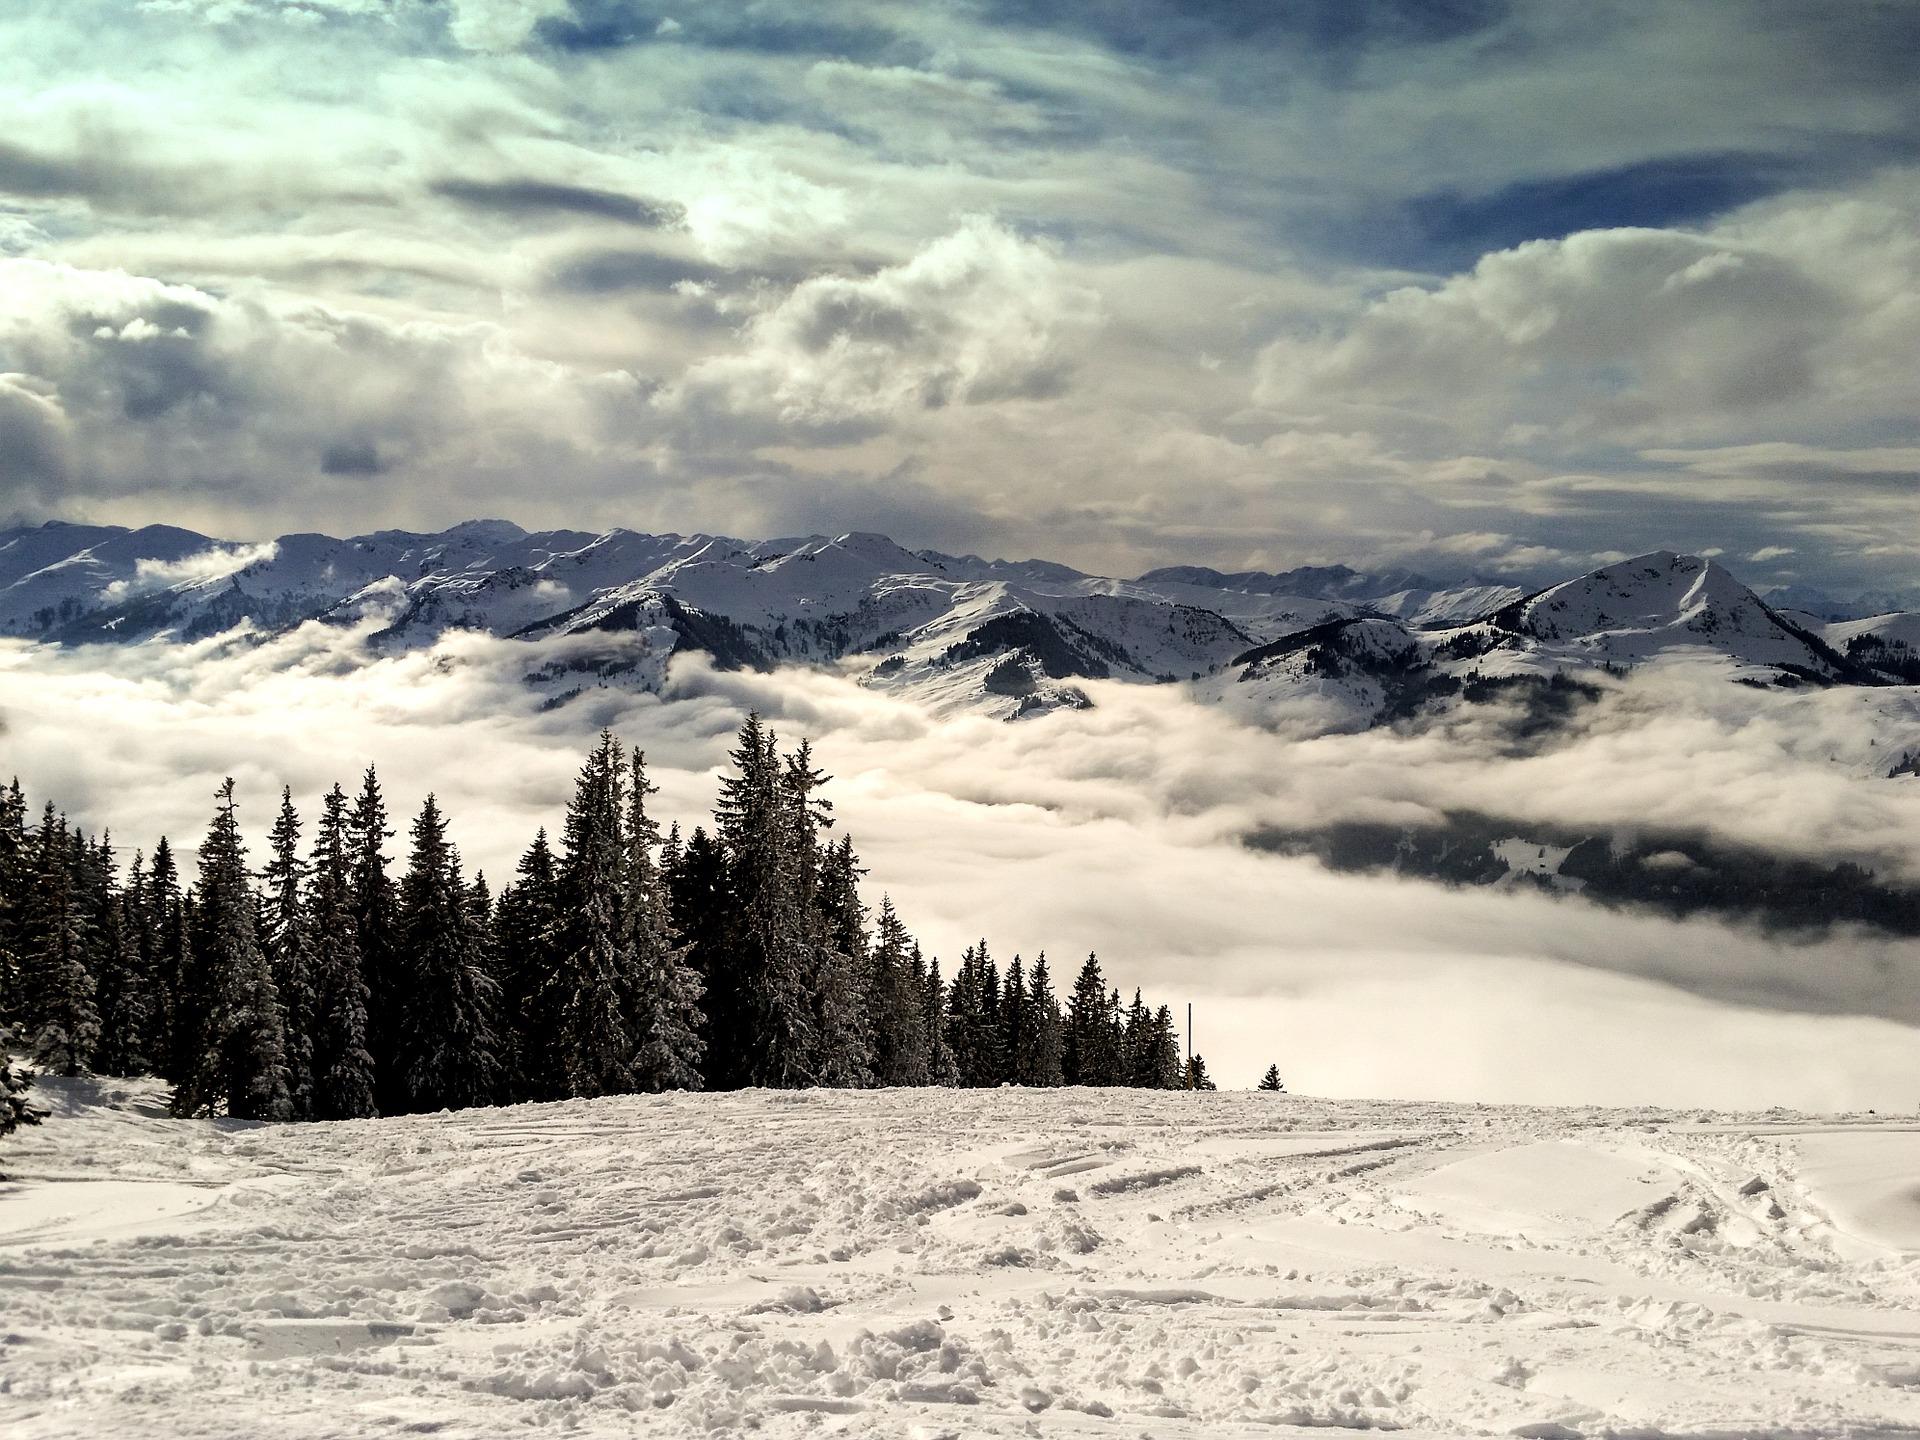 skijalište, sneg, zimovanje, alpi, odmor, skijanje